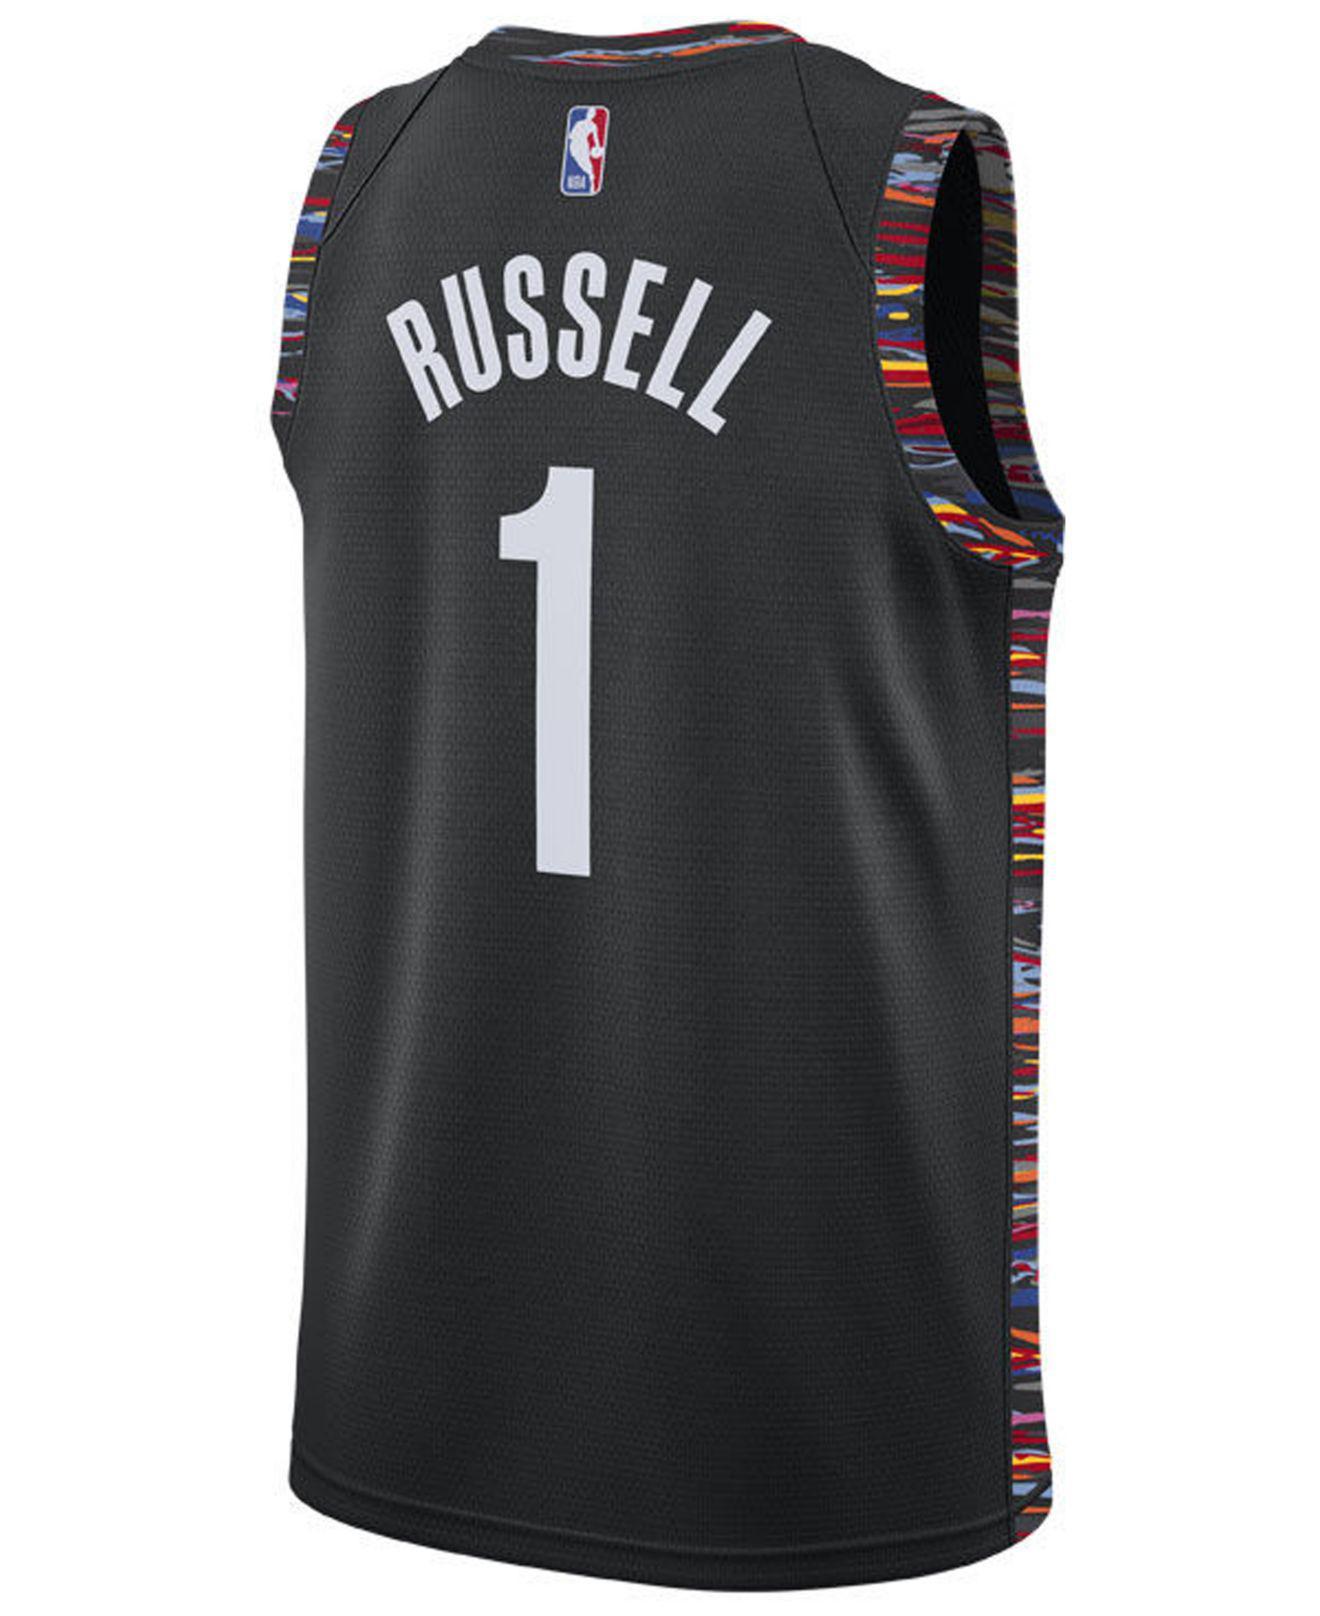 7e455bfe5 Lyst - Nike D angelo Russell Brooklyn Nets City Swingman Jersey 2018 ...